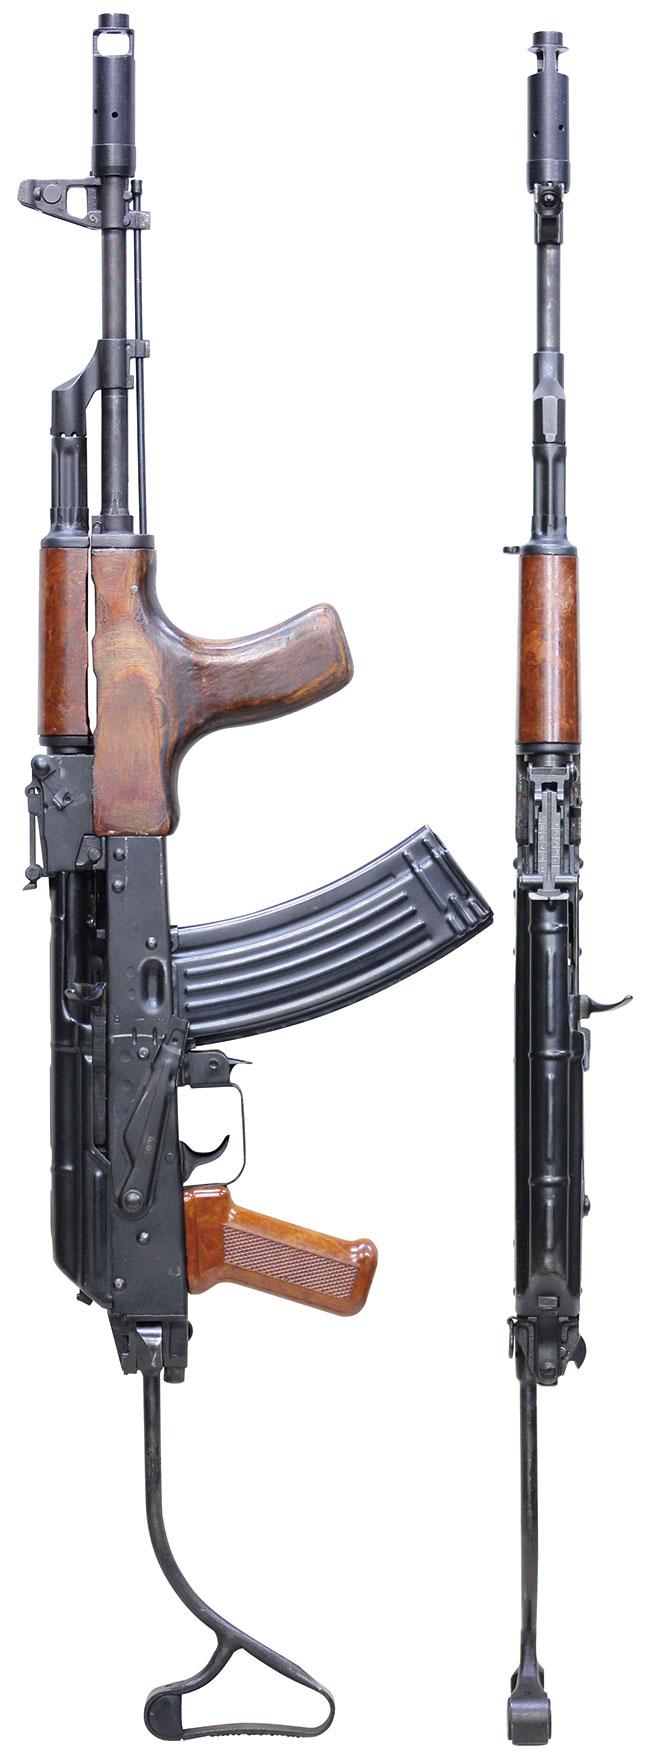 【5072】ルーマニア-AKS-74-自動小銃-(複数在庫品、#EE5079)右.jpg